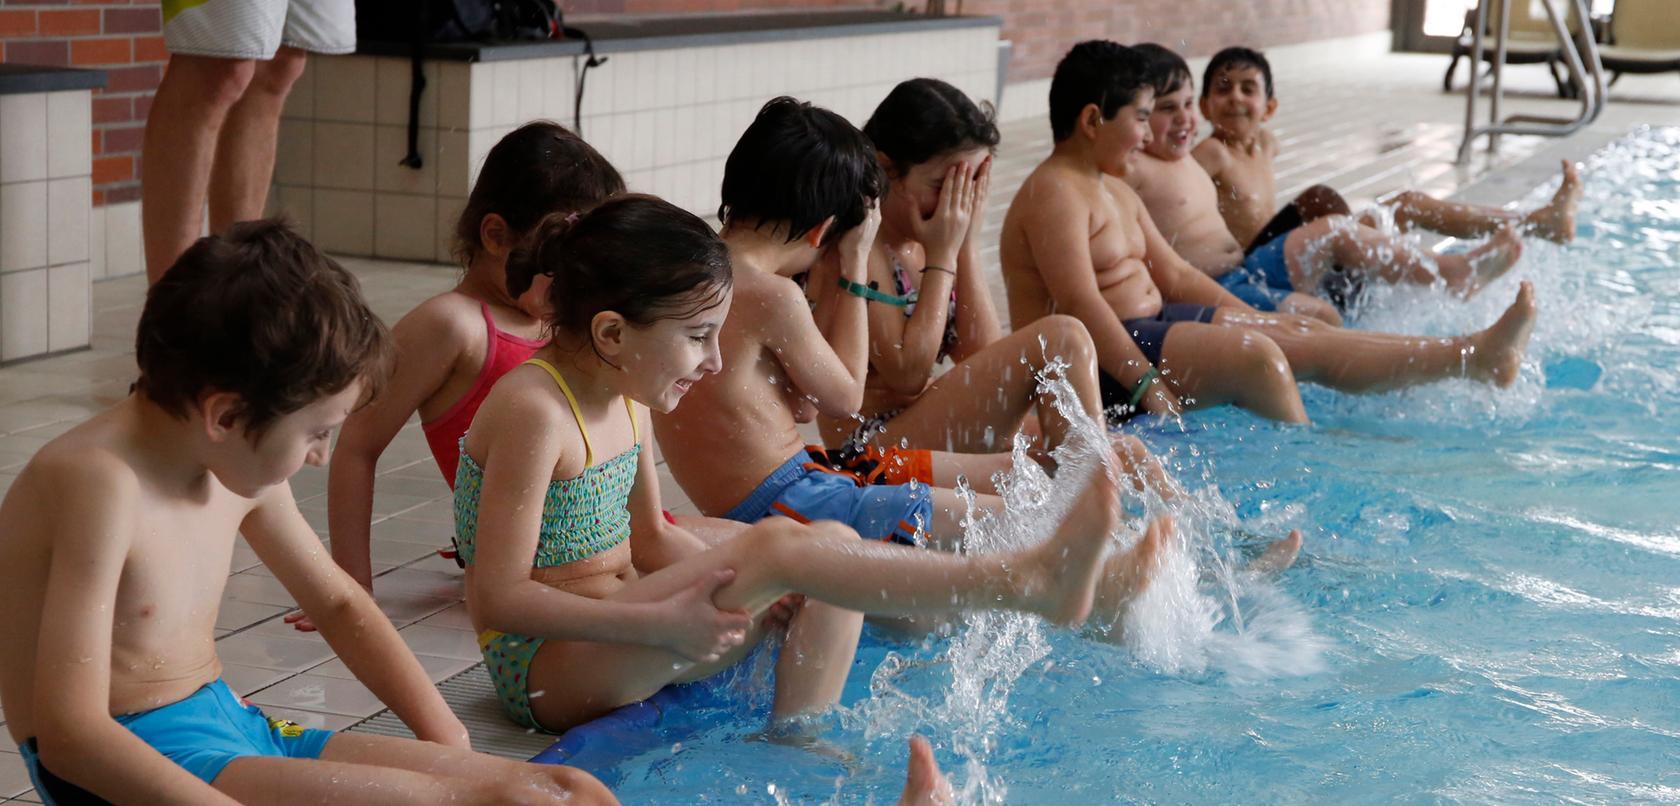 Schwimmkurse für Kinder sind wichtig, können sogar Leben retten.